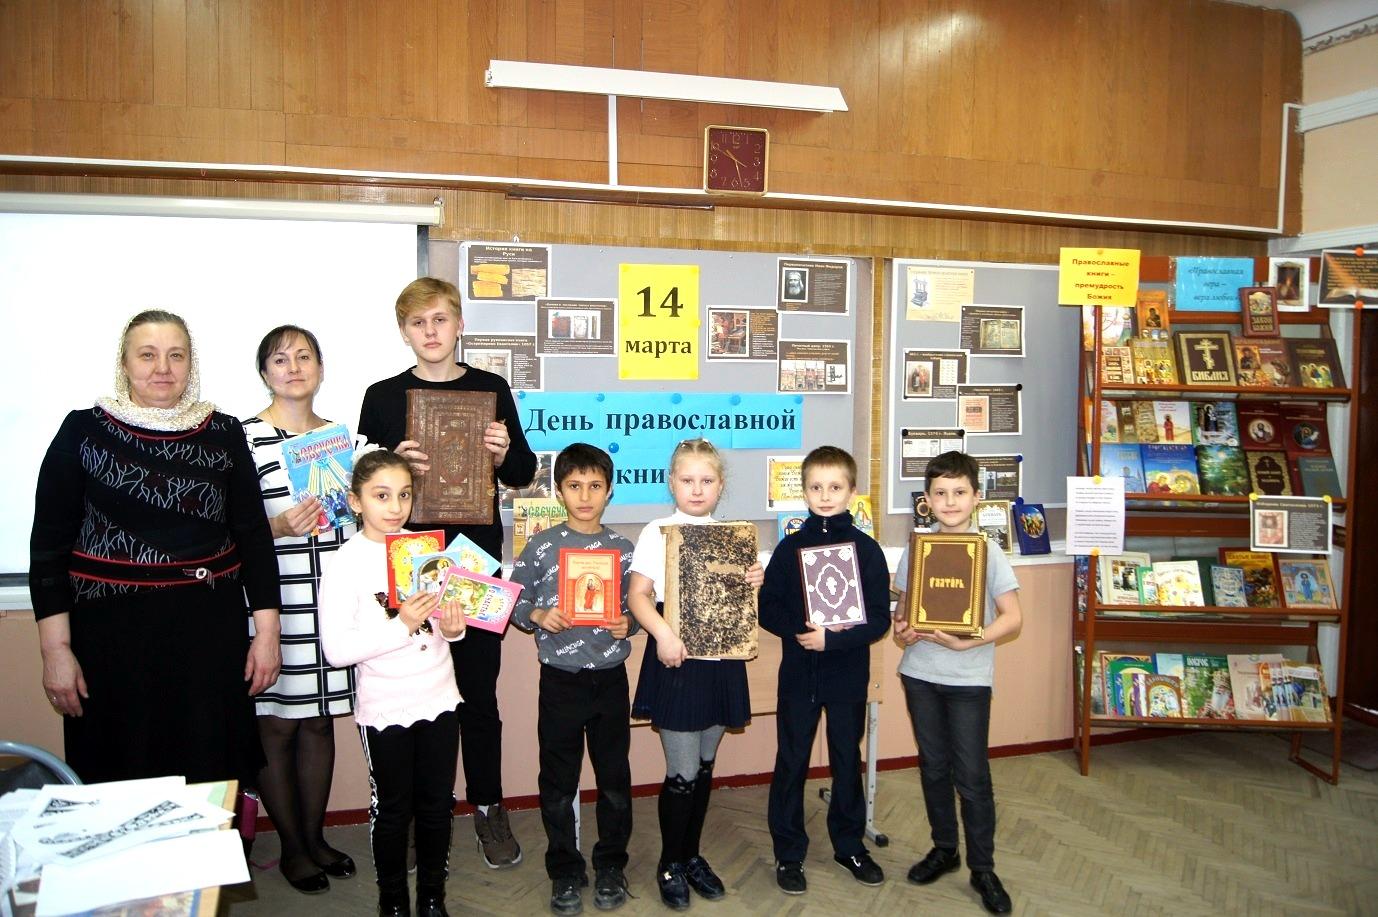 День православной книги в школе №10 ст. Нижнебаканской